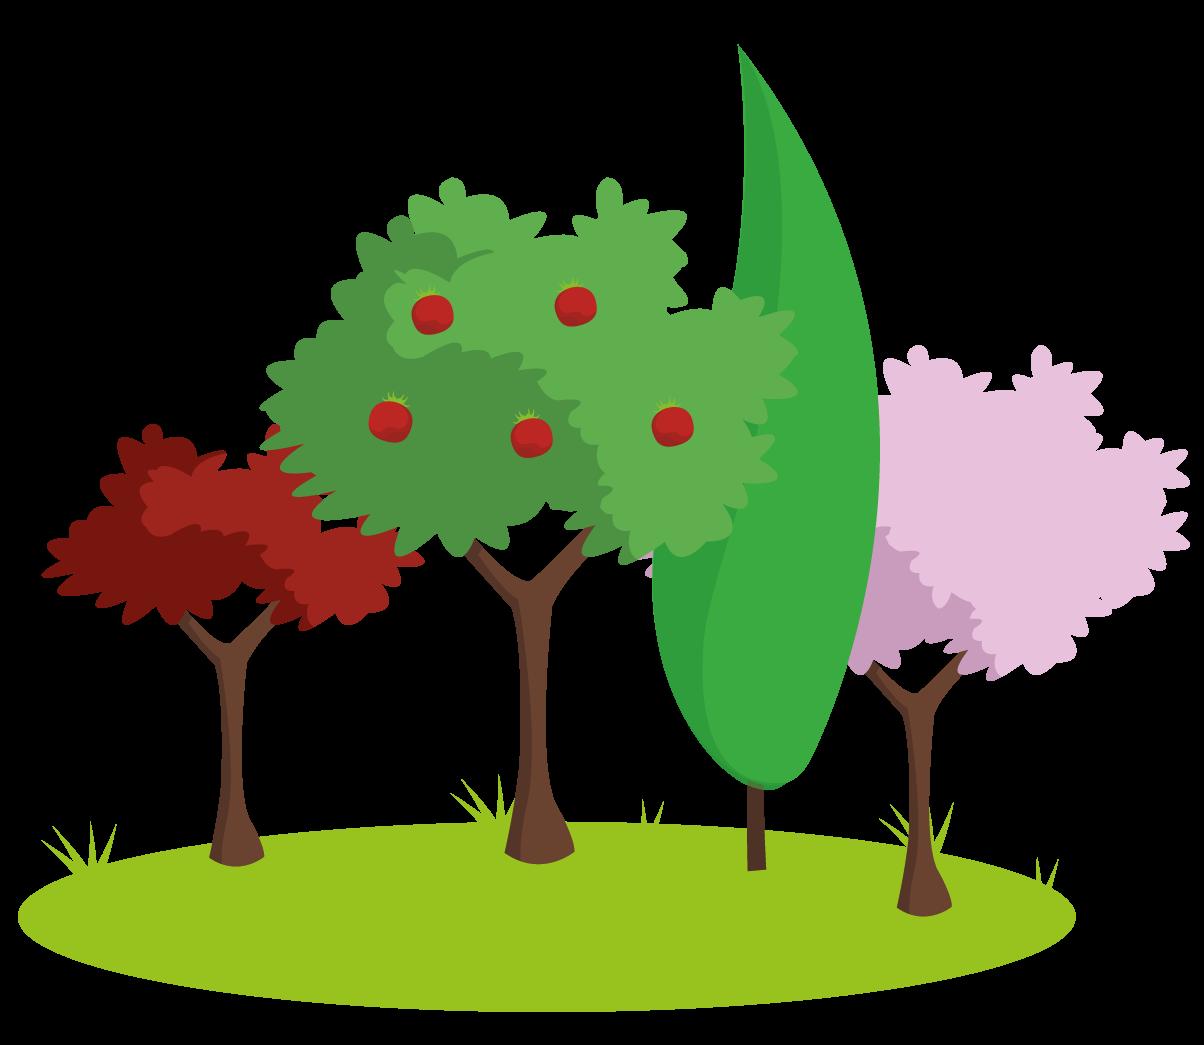 imgHQ-scegli-una-pianta-alberi